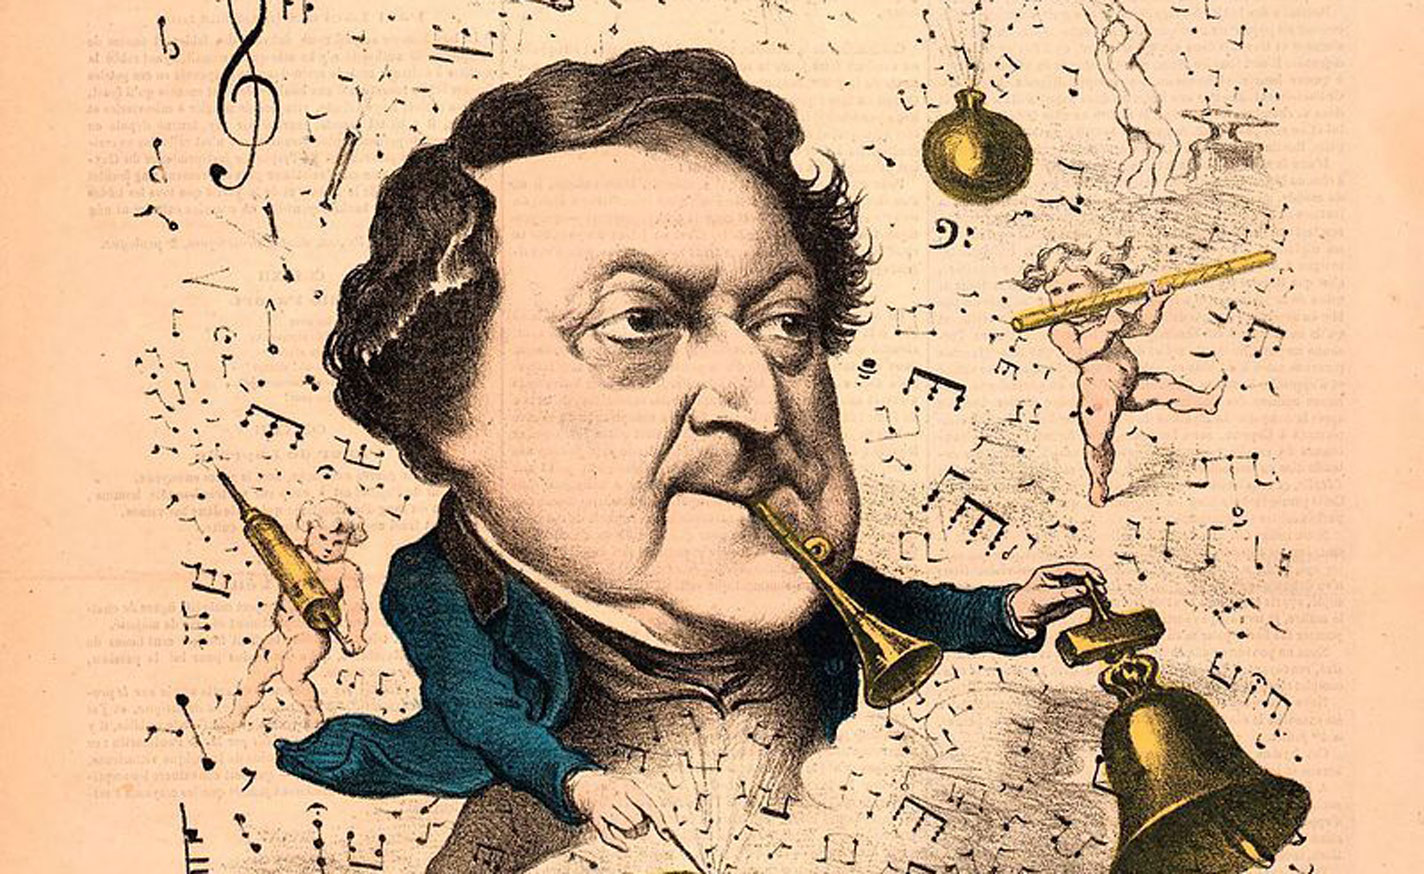 Um die Uraufführung von Rossinis DER BARBIER VON SEVILLA ranken sich zahlreiche Legenden. Dramaturg Lars Gebhardt erzählt von den Geburtswehen eines Welterfolgs.